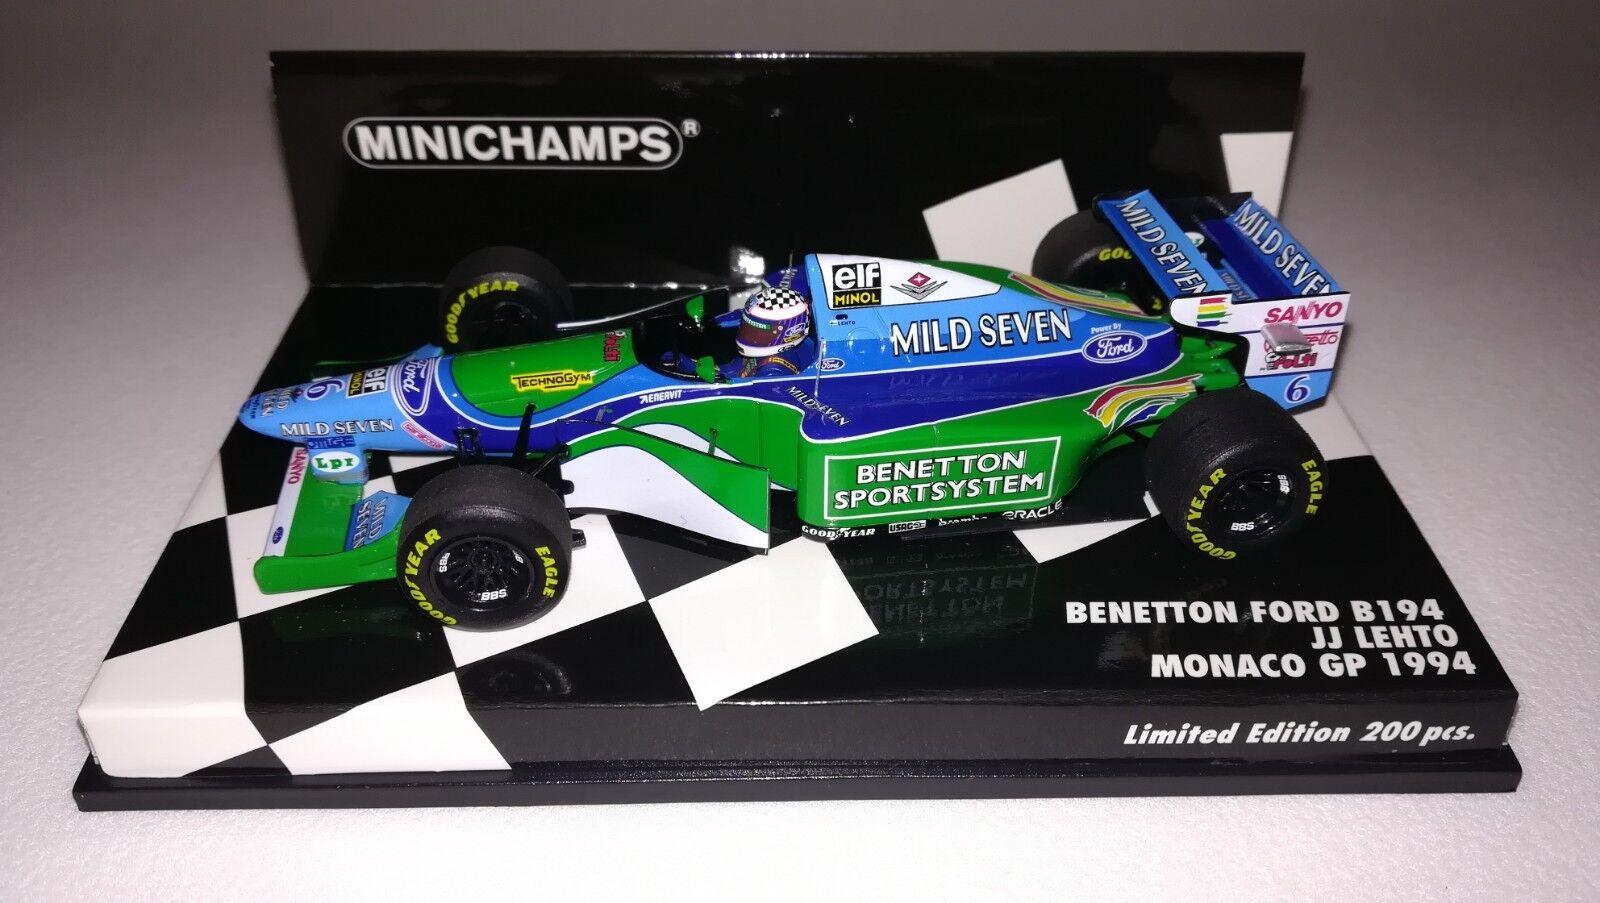 Minichamps F1 Benetton Ford B194 JJ Lehto 1 43 Monaco GP 1994 'Mild Seven'